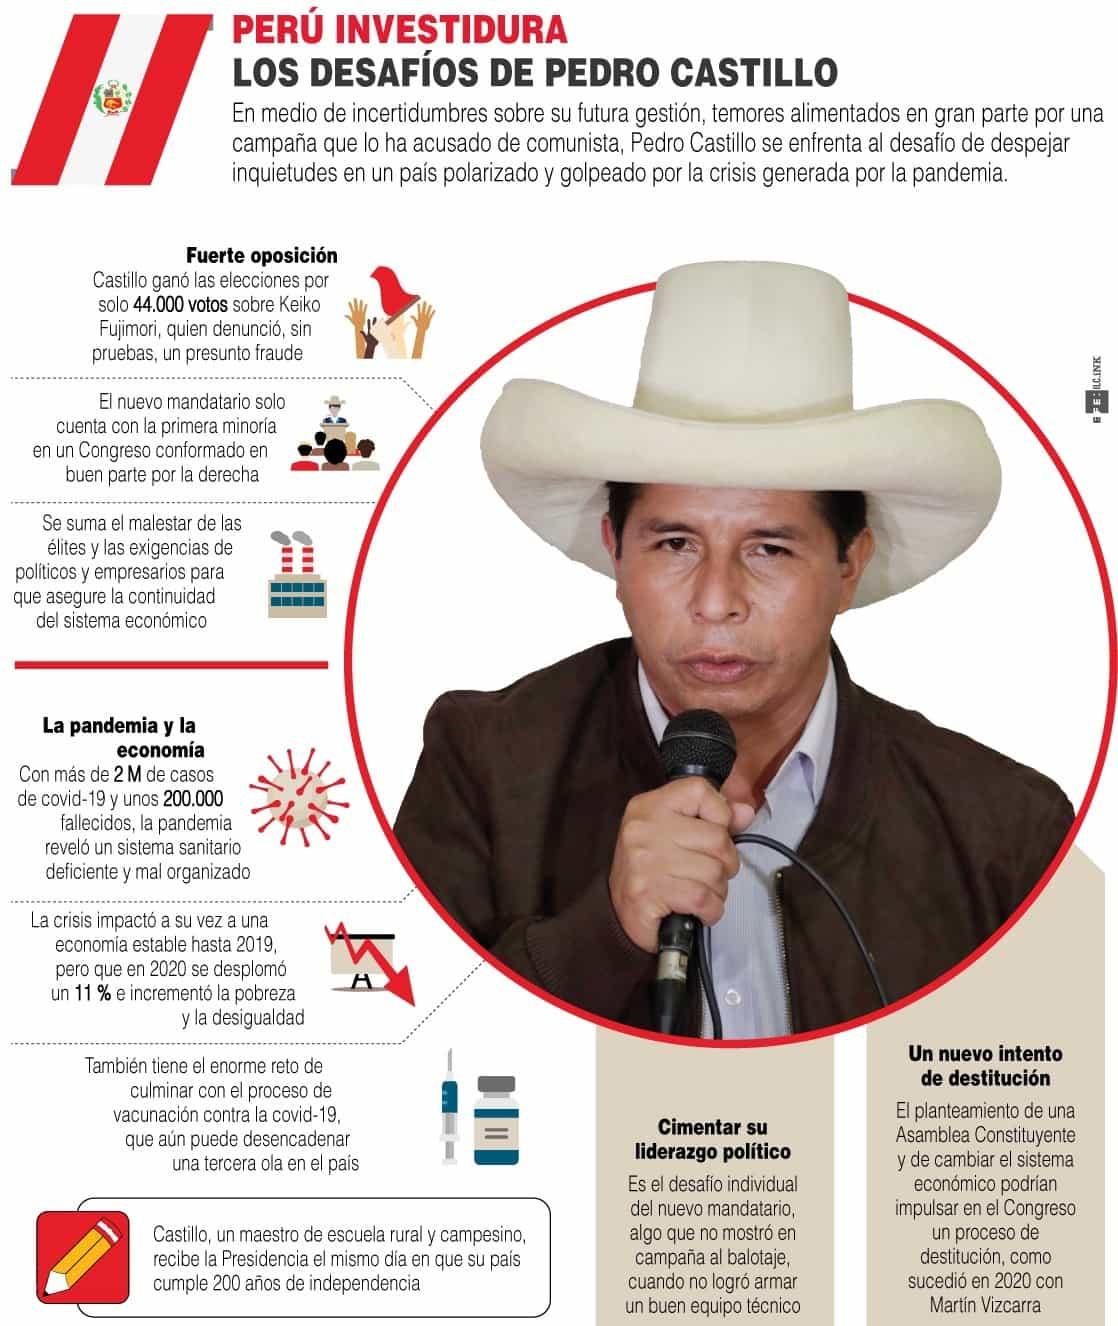 [Infografía] Los desafíos de Pedro Castillo en la Presidencia de Perú 1